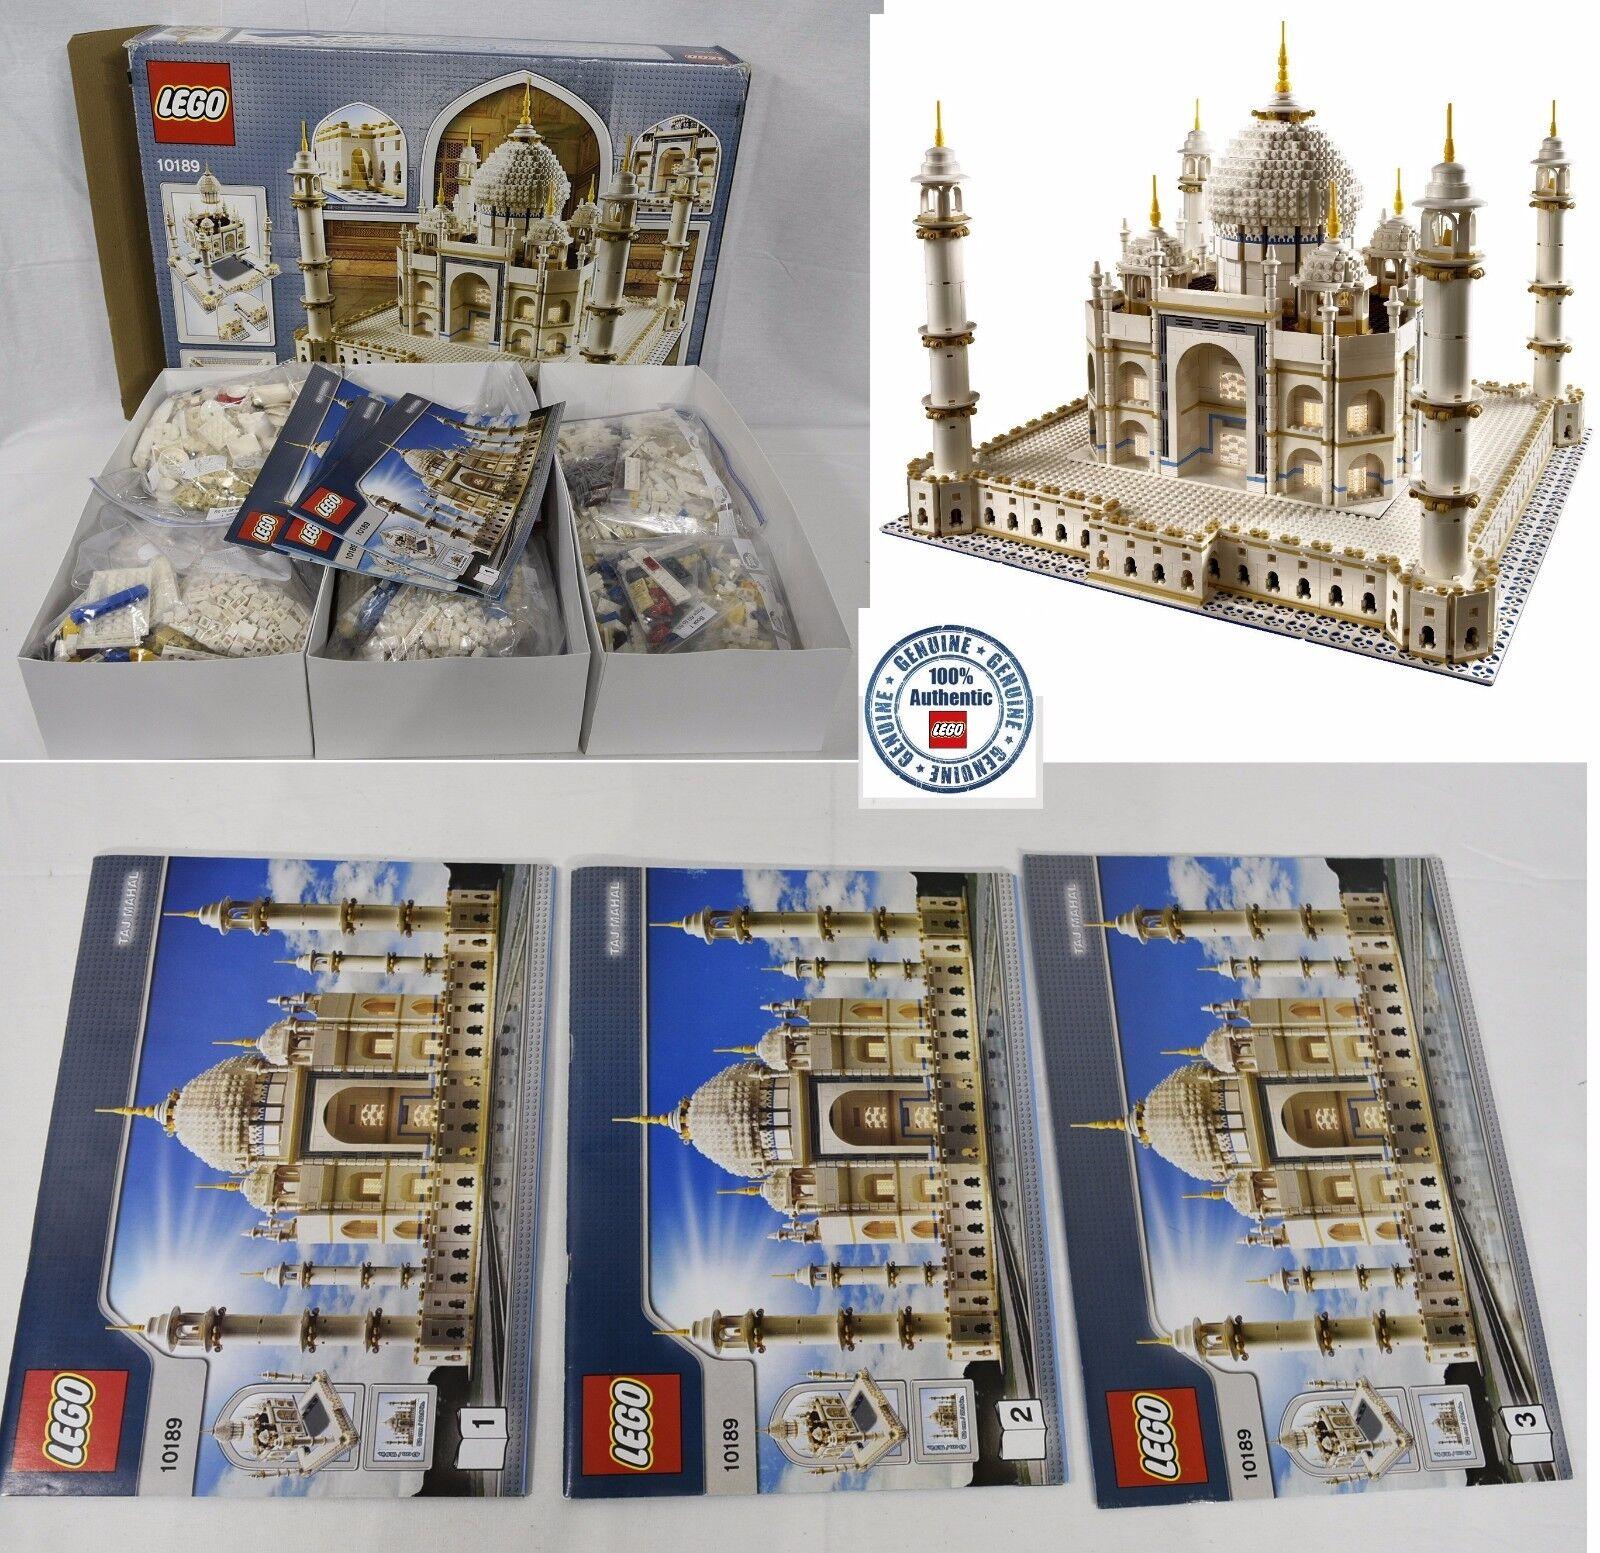 100%  completare 100% Genuine Lego Tajmahal 10189 with uomoual + scatola Taj Mahal  consegna veloce e spedizione gratuita per tutti gli ordini